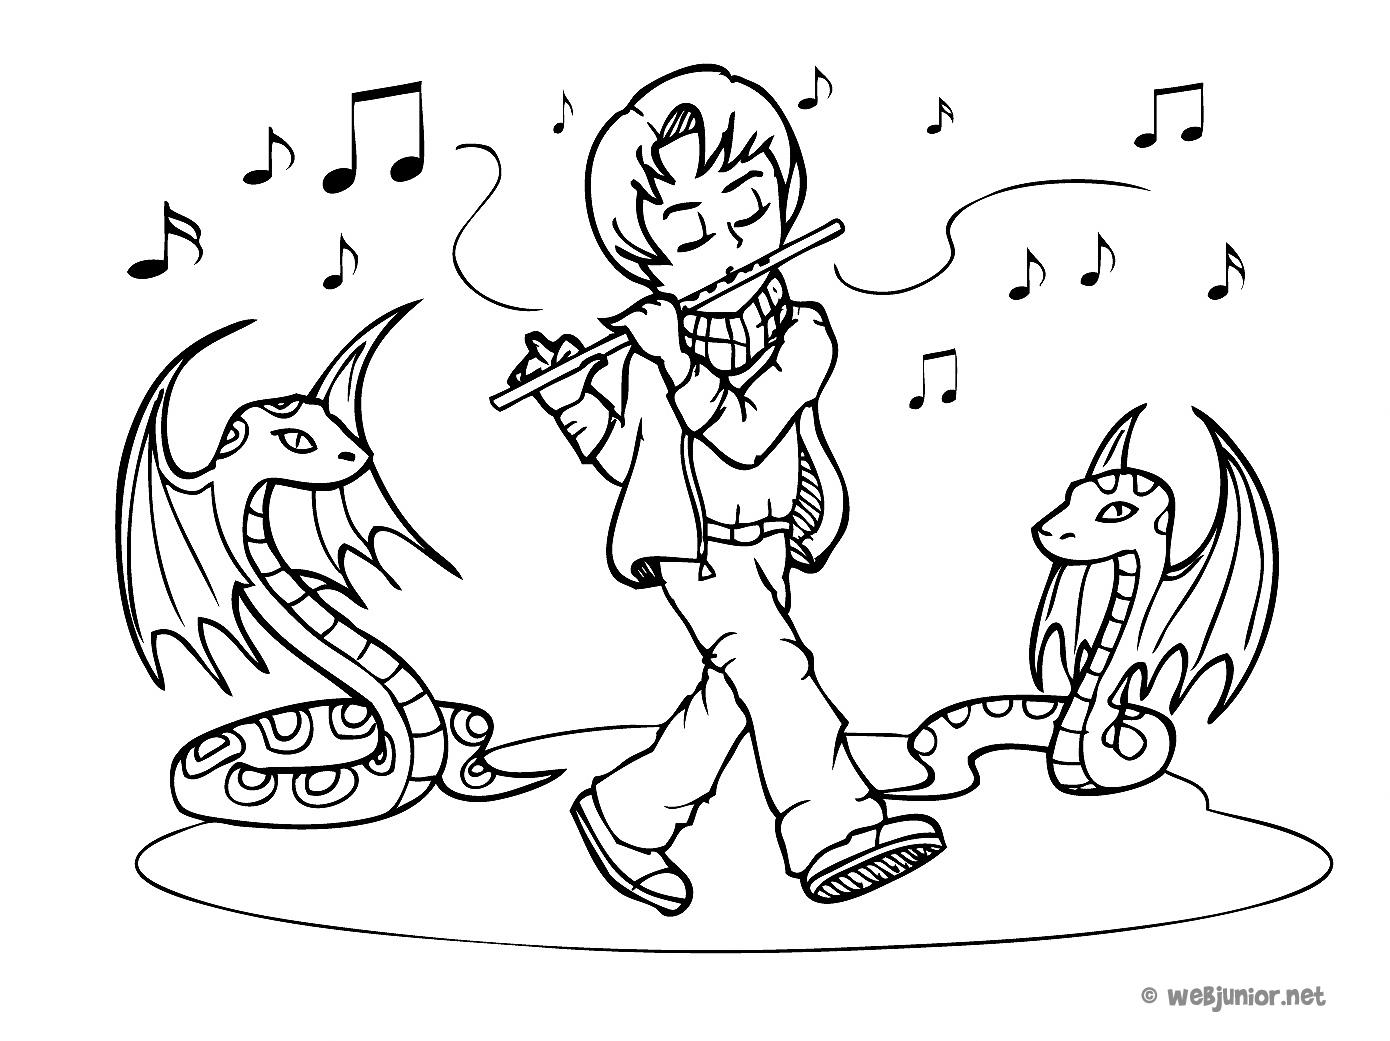 Le joueur de fl te coloriage mangas gratuit sur webjunior - Dessin de flute ...